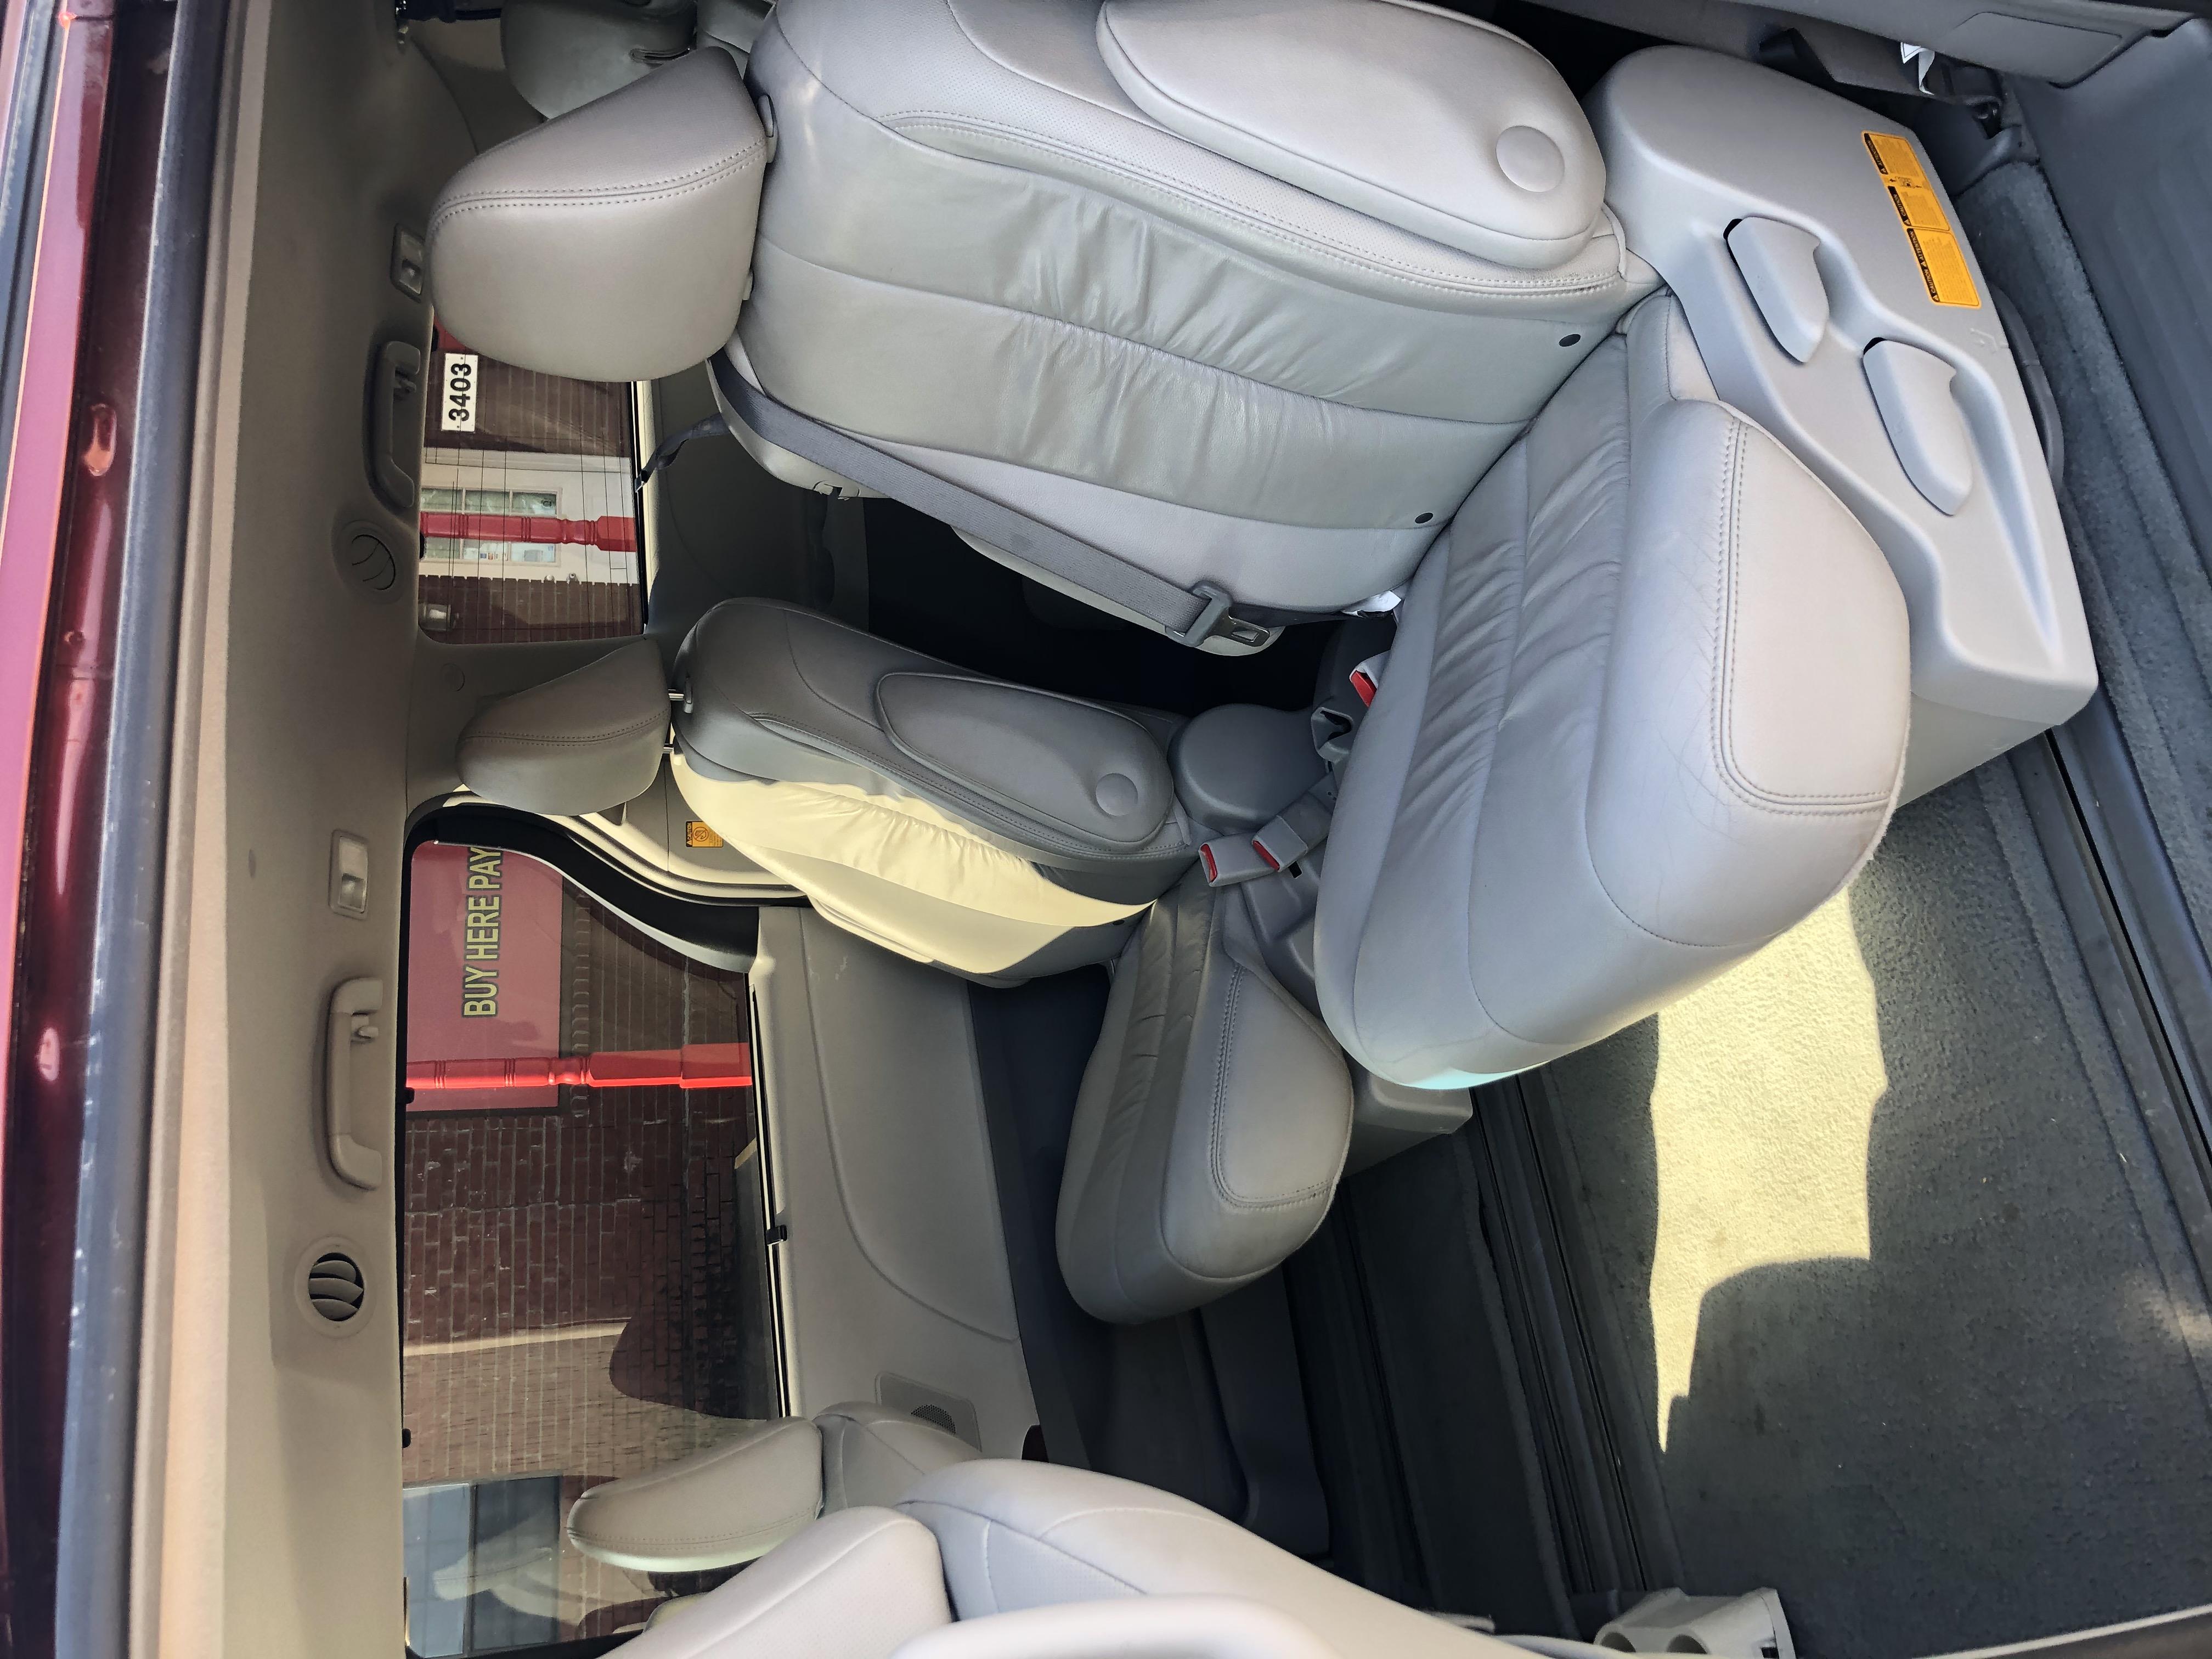 used vehicle - Van-Minivan TOYOTA SIENNA 2012